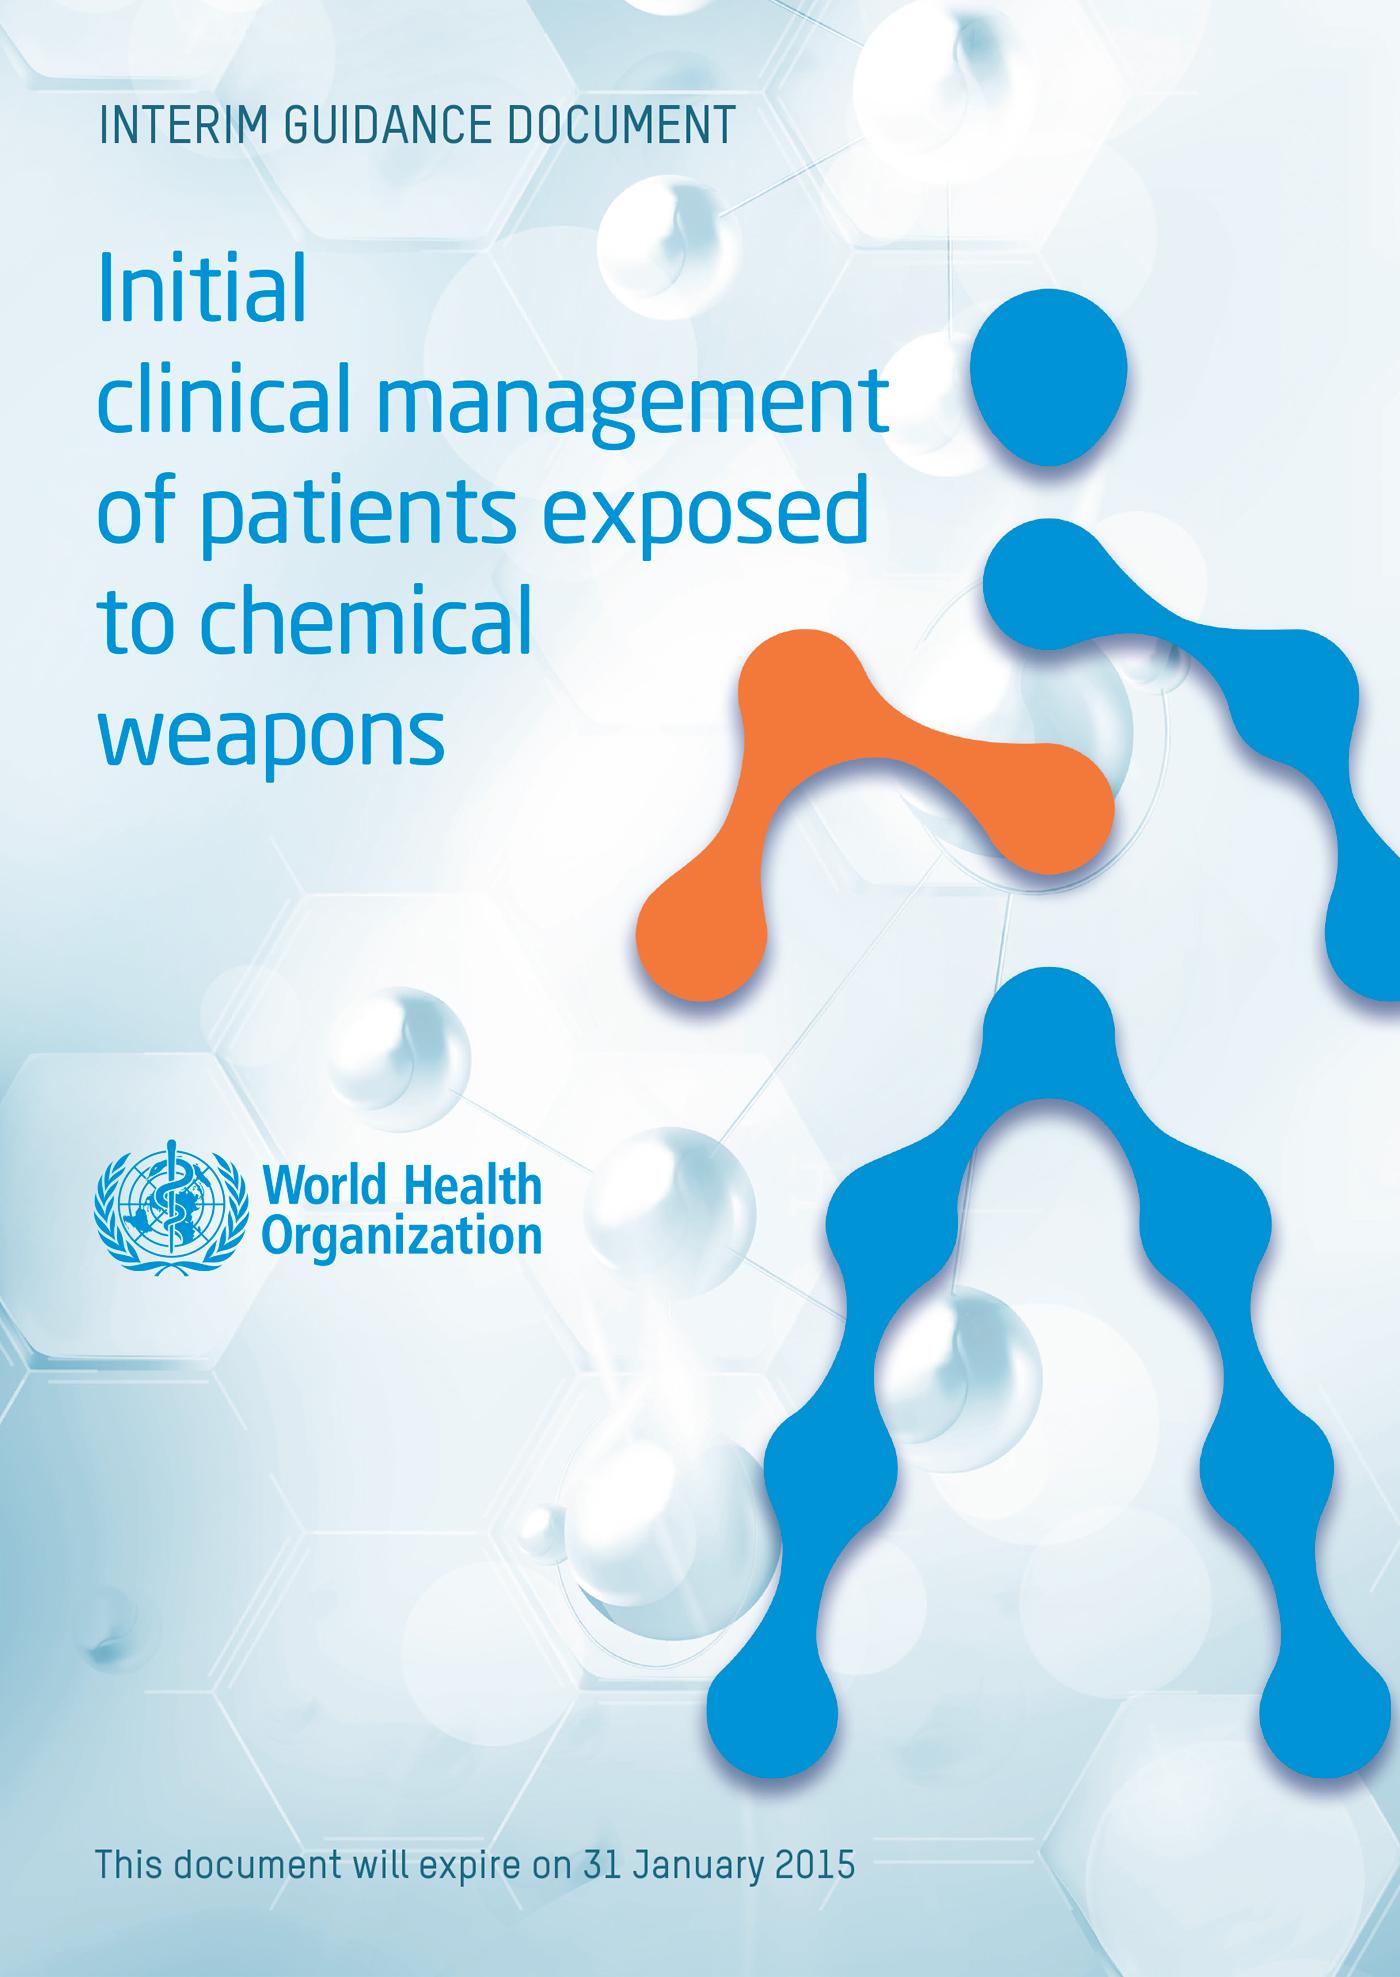 Guida per la gestione di pazienti esposti ad armi chimiche - WHO